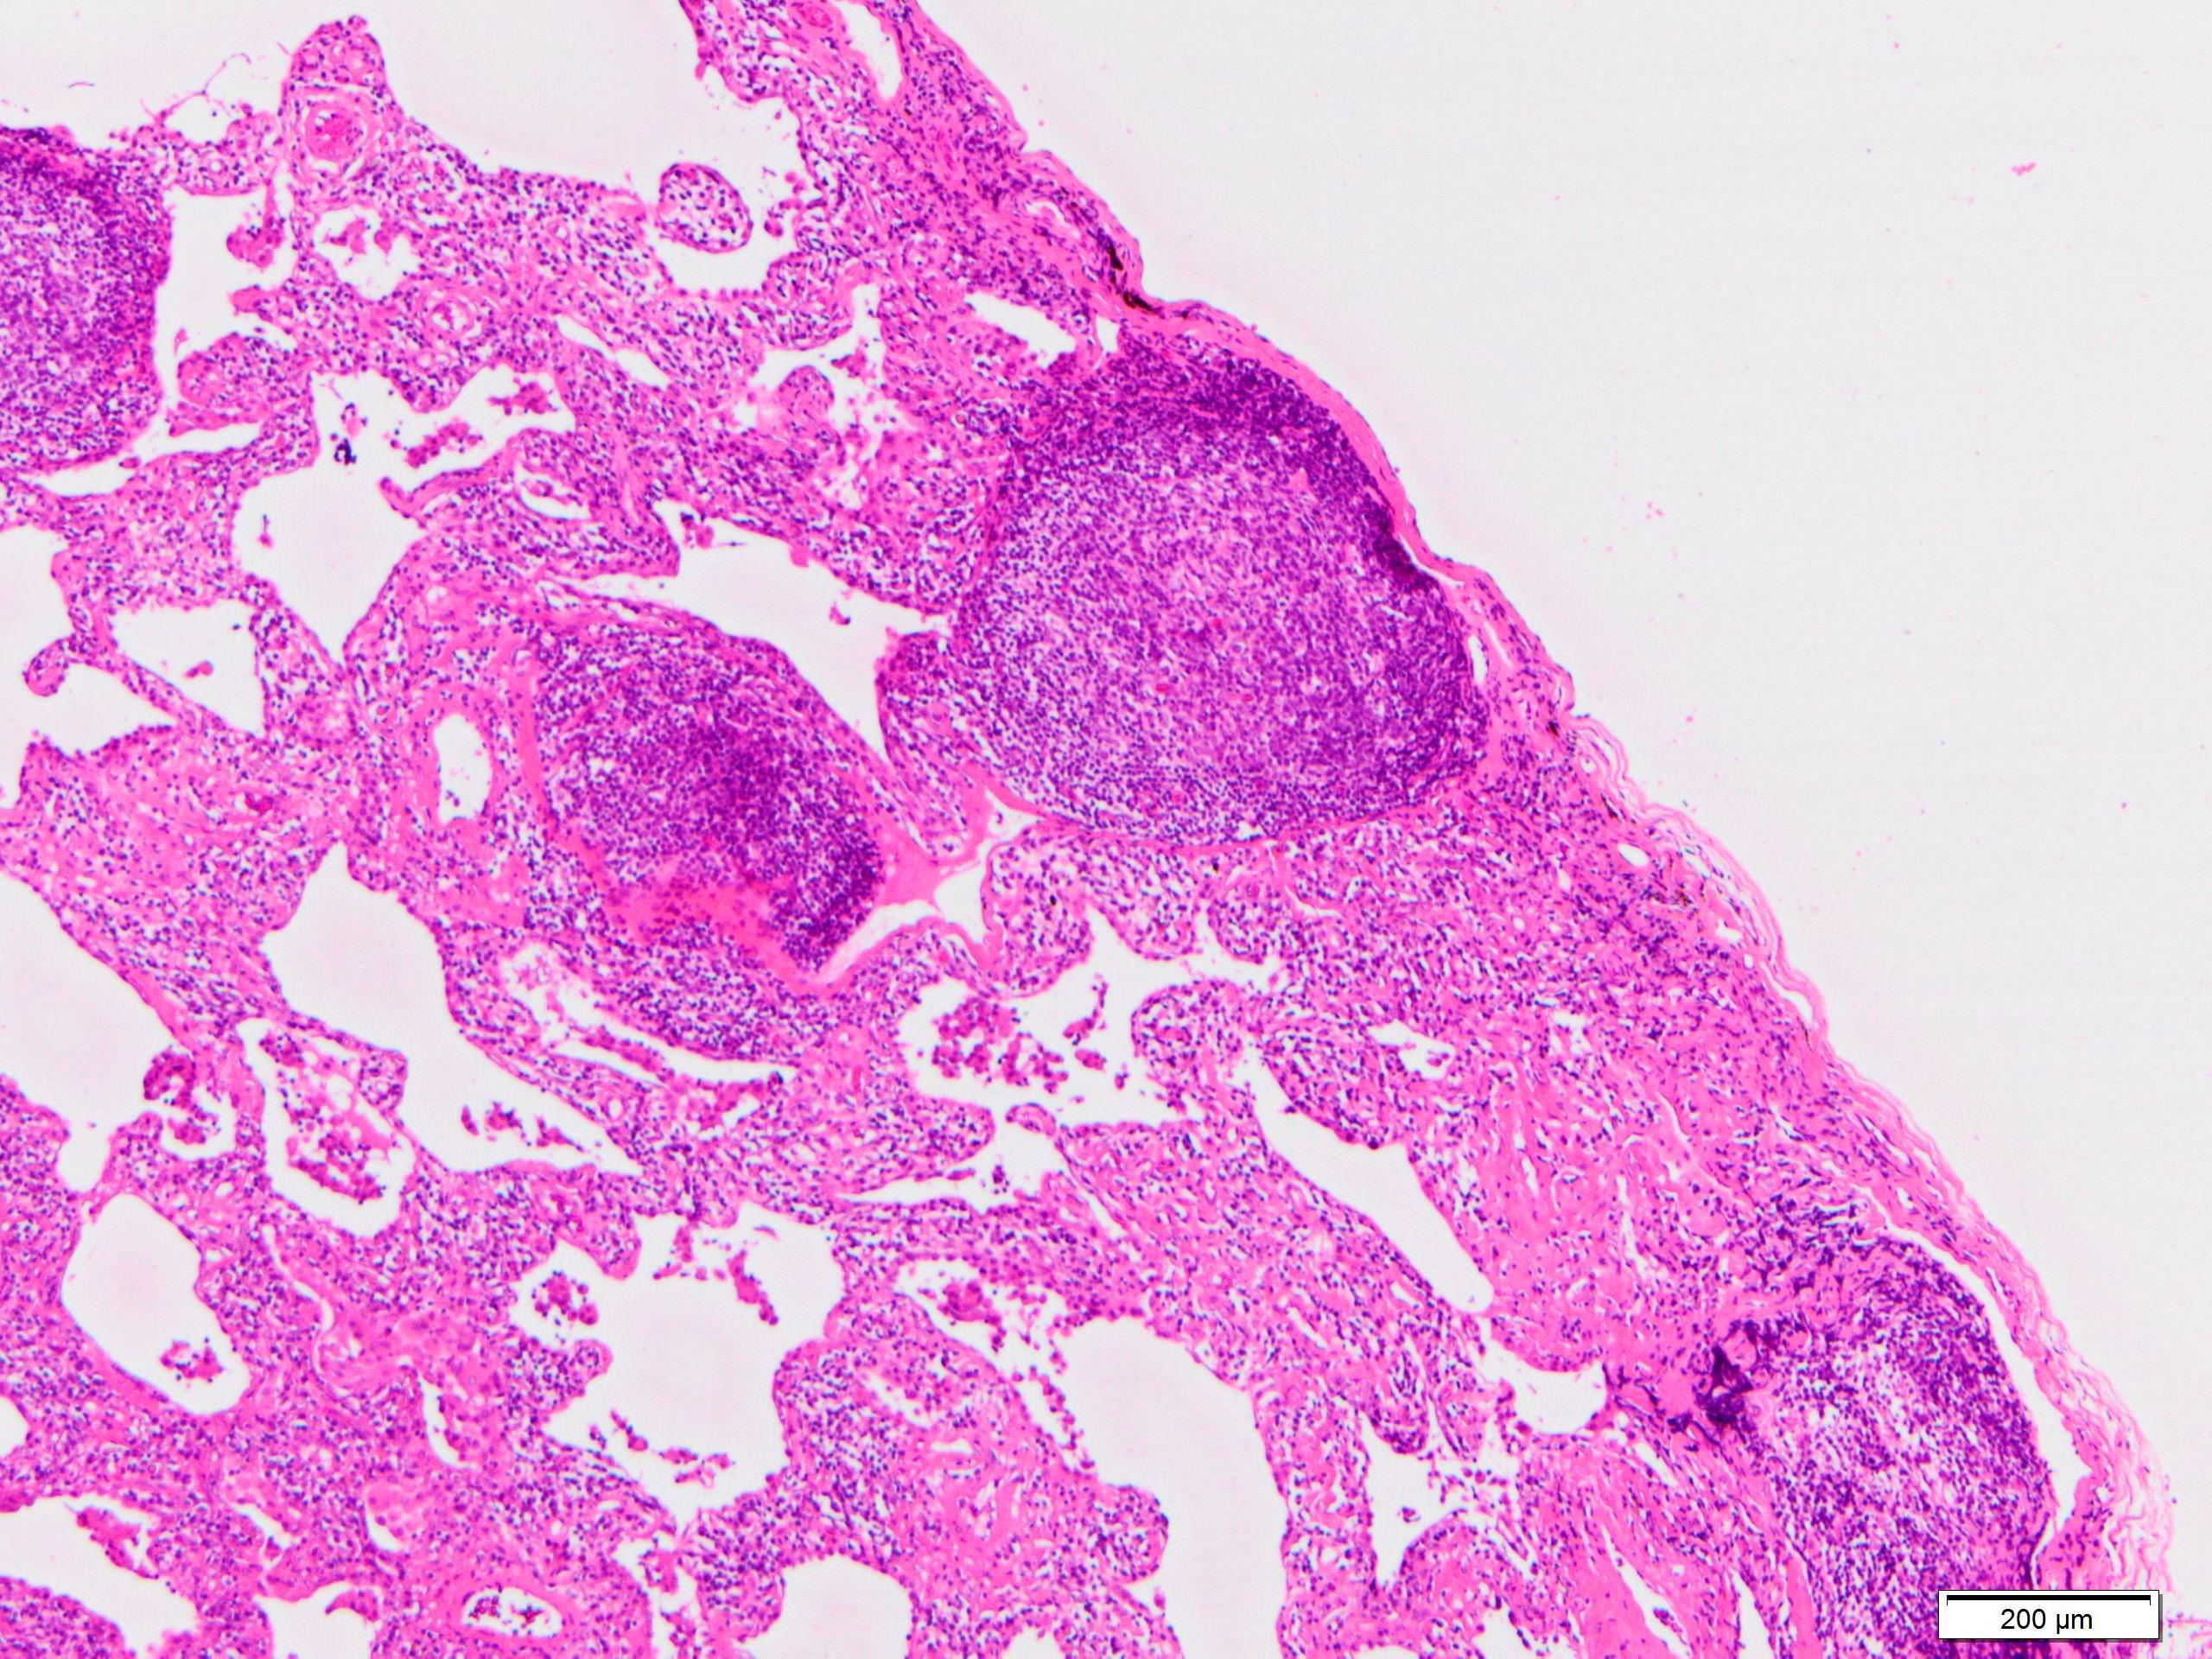 Pleuritis with lymphoid follicles